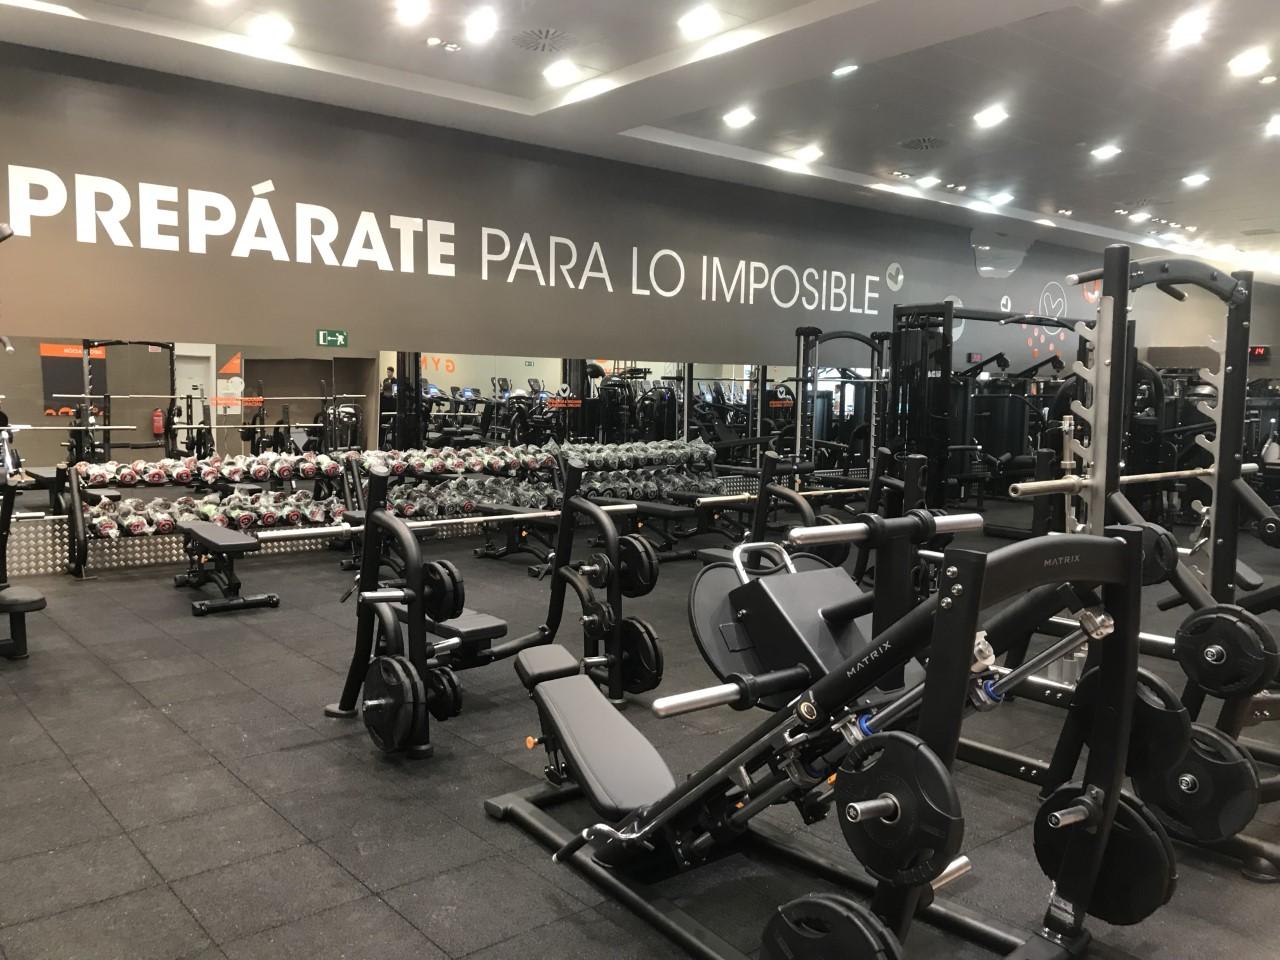 Abre sus puertas en alcobendas el gimnasio vivagym tribuna de la moraleja - Gimnasio en alcobendas ...